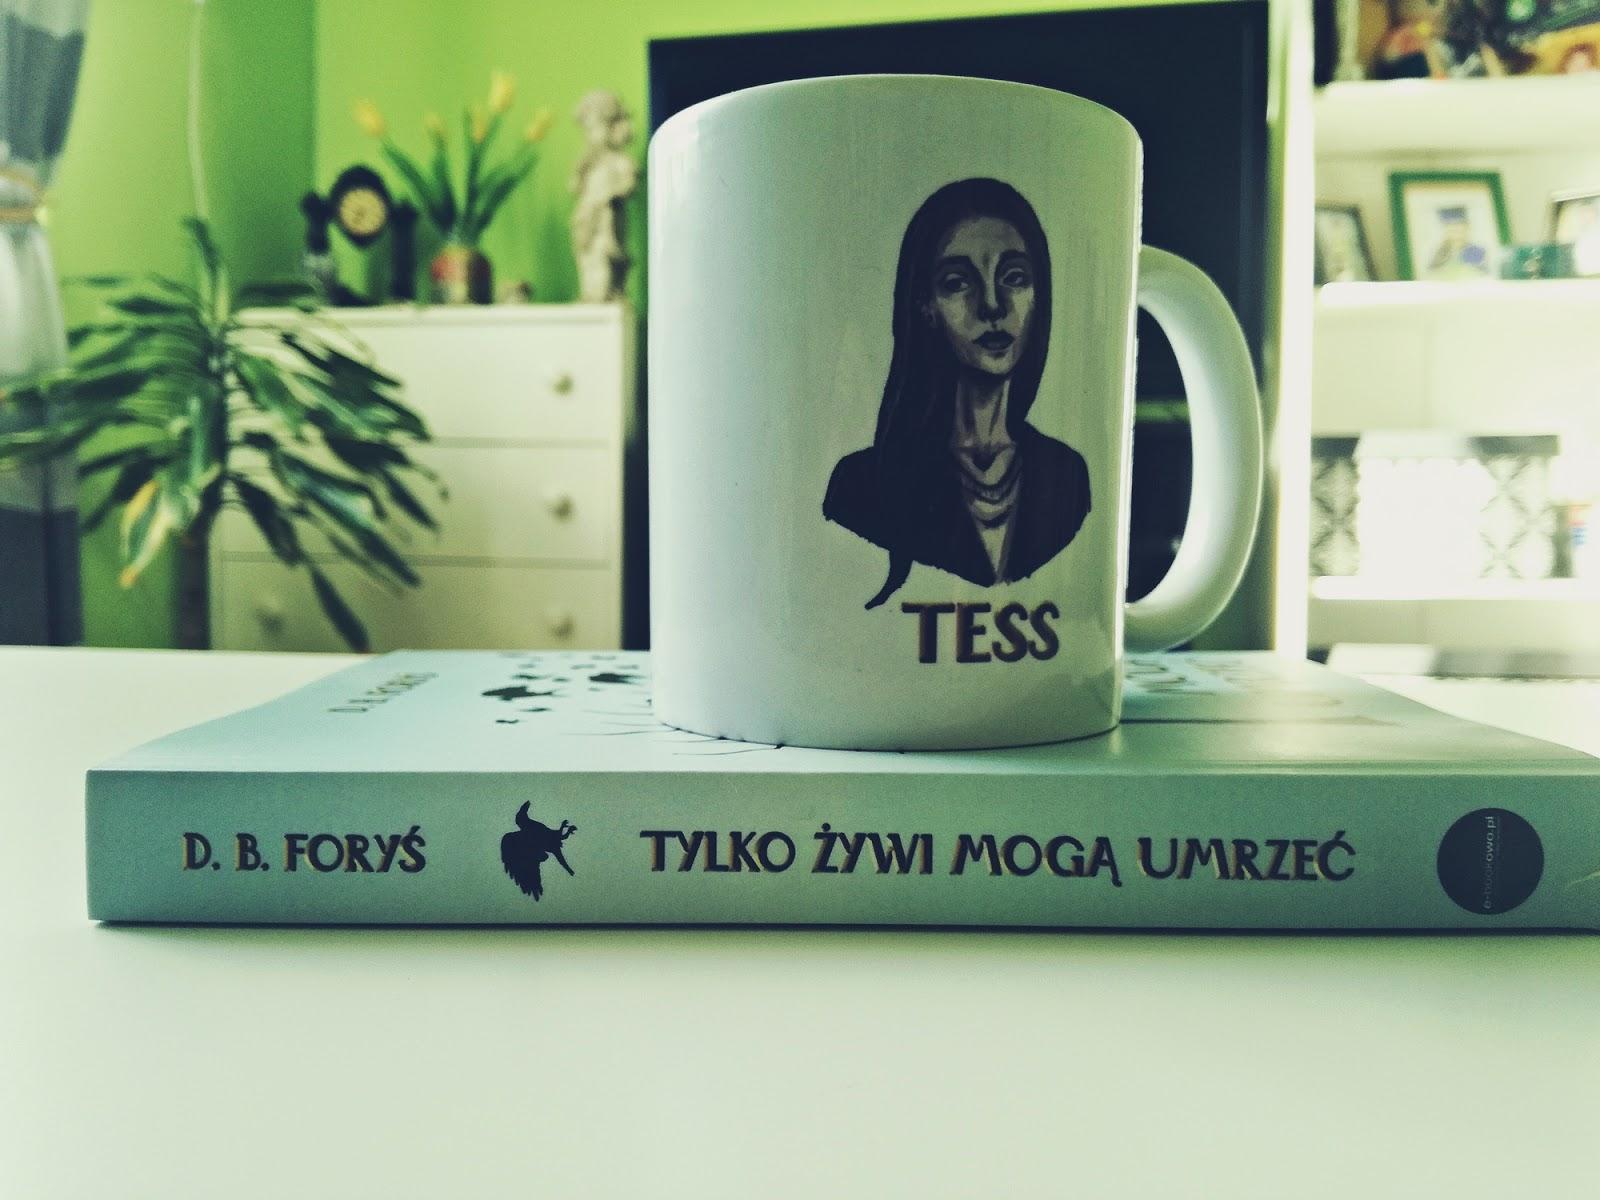 Tylko żywi mogą umrzeć, D.B. Foryś, książka, ebook, konkurs, wydawnictwo e-bookowo, Tessa Brown